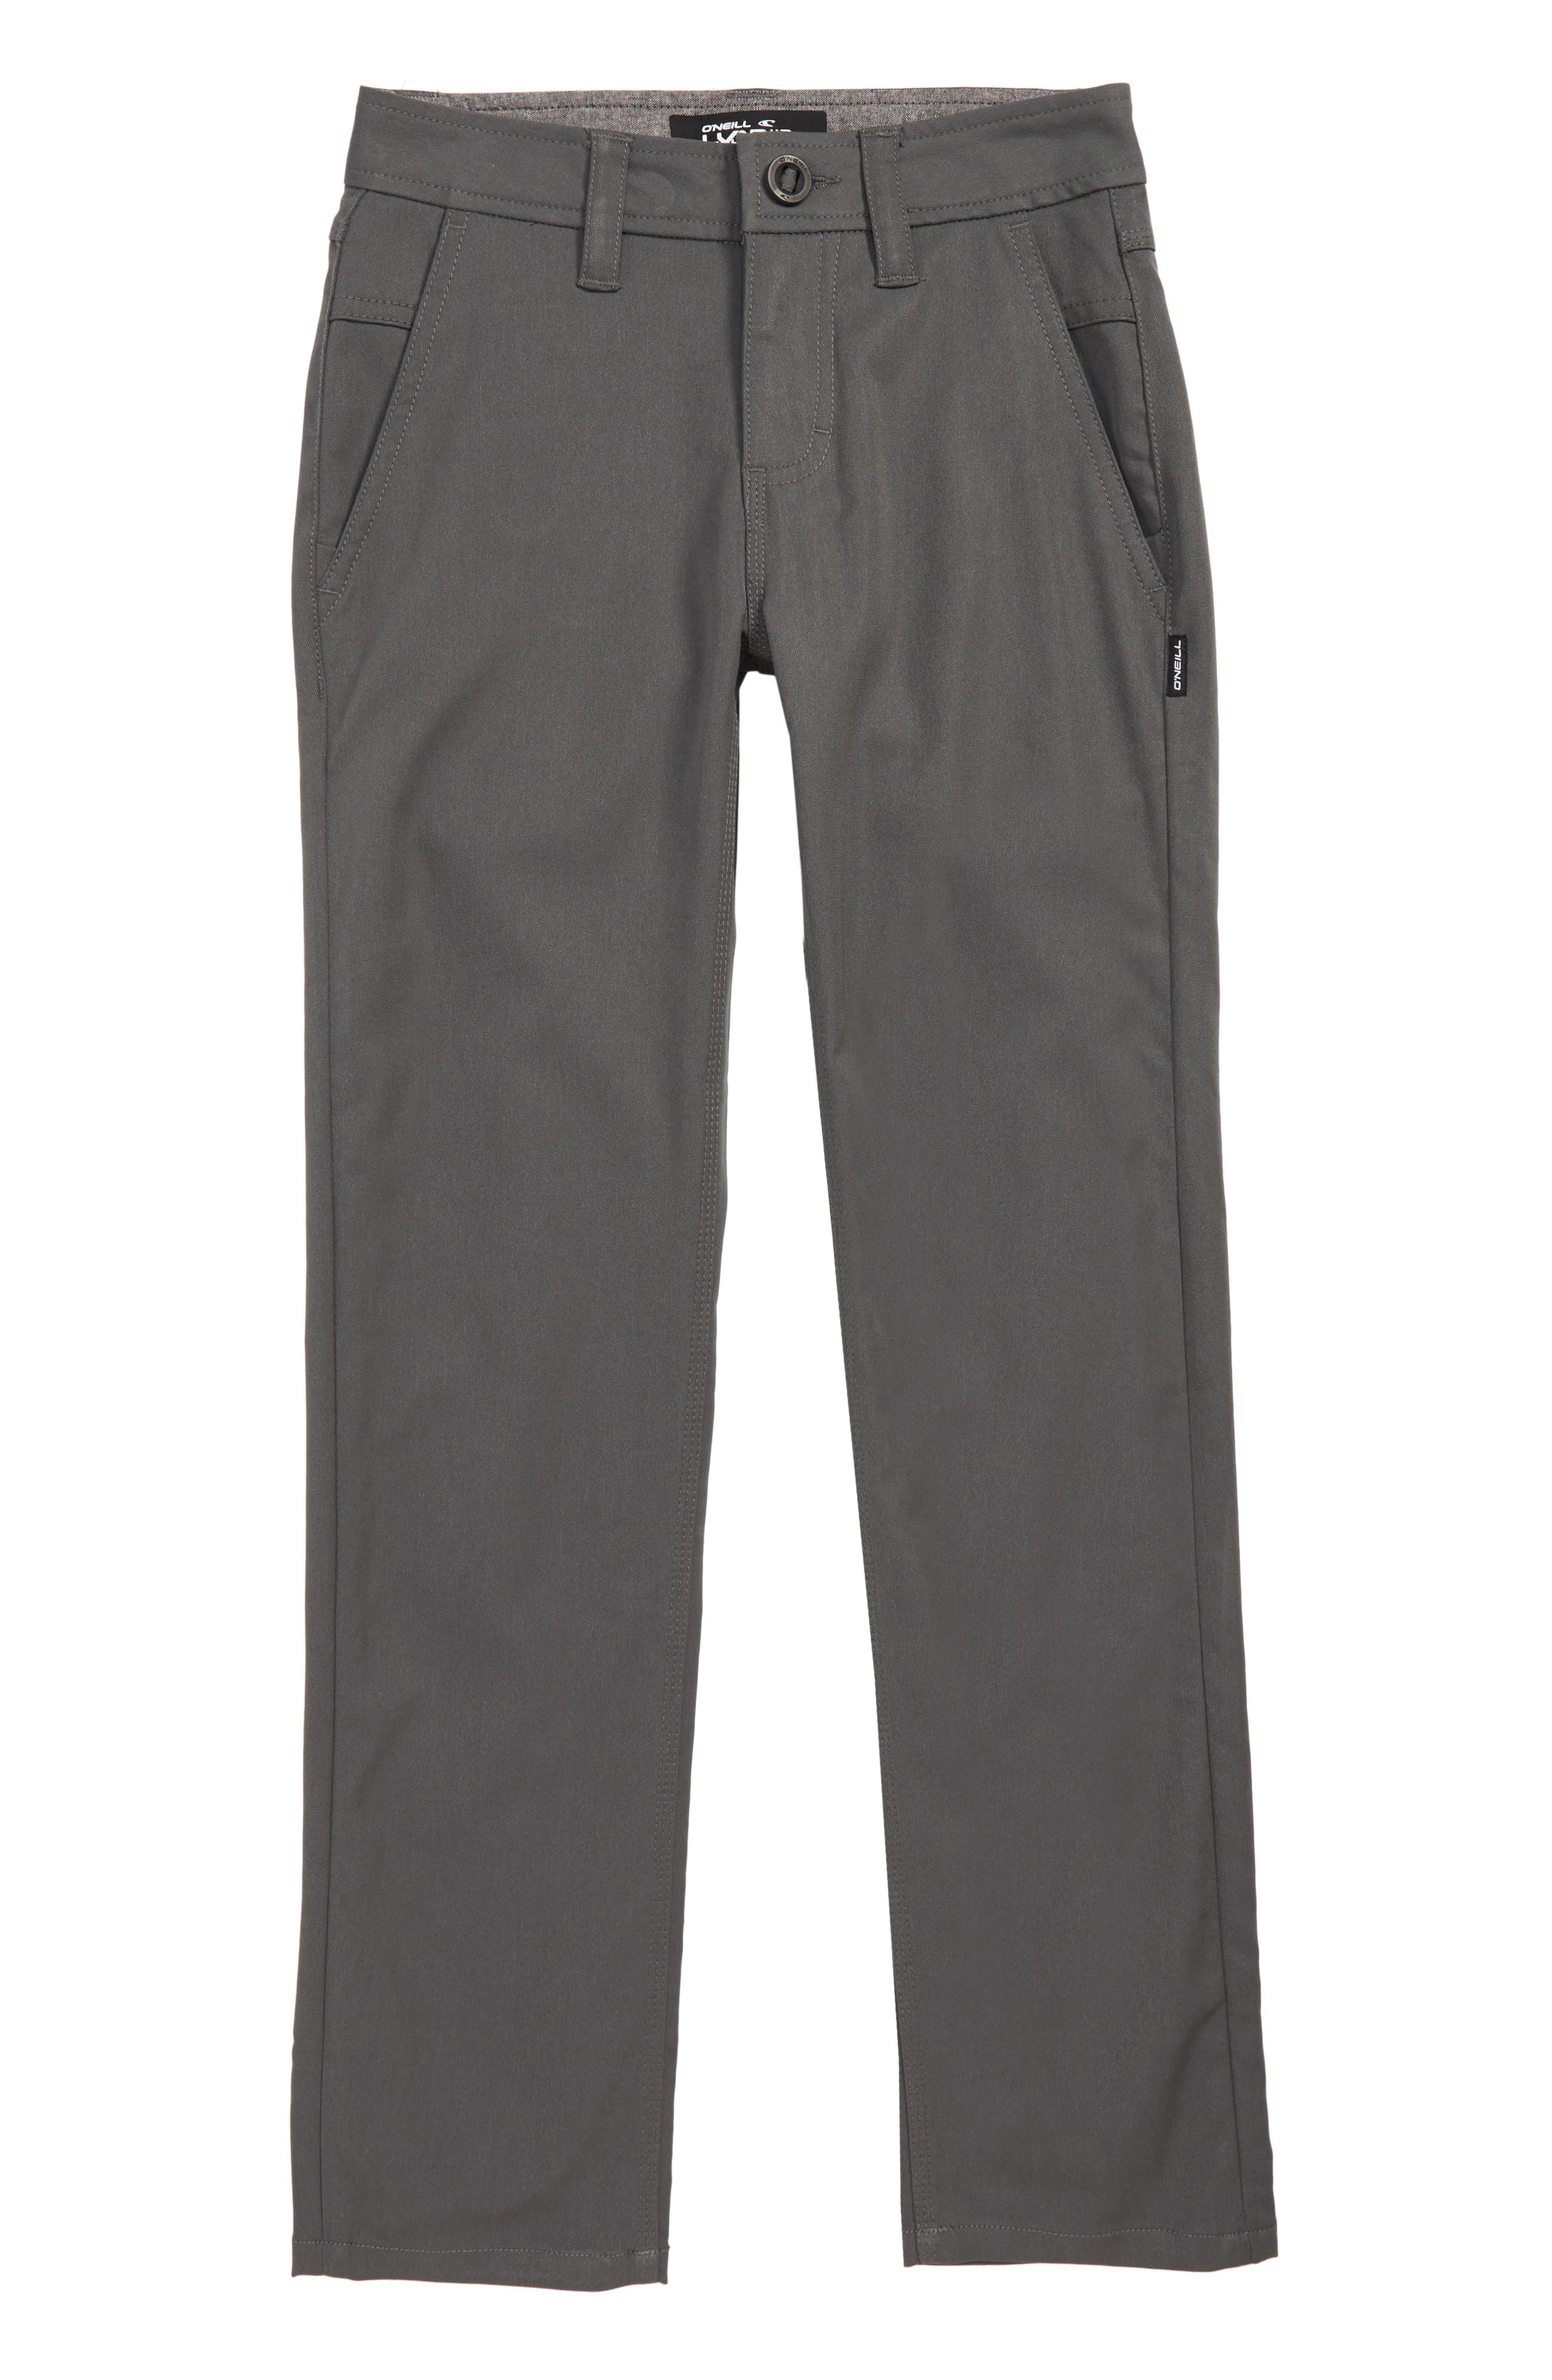 Redlands Hybrid Pants,                         Main,                         color, 020